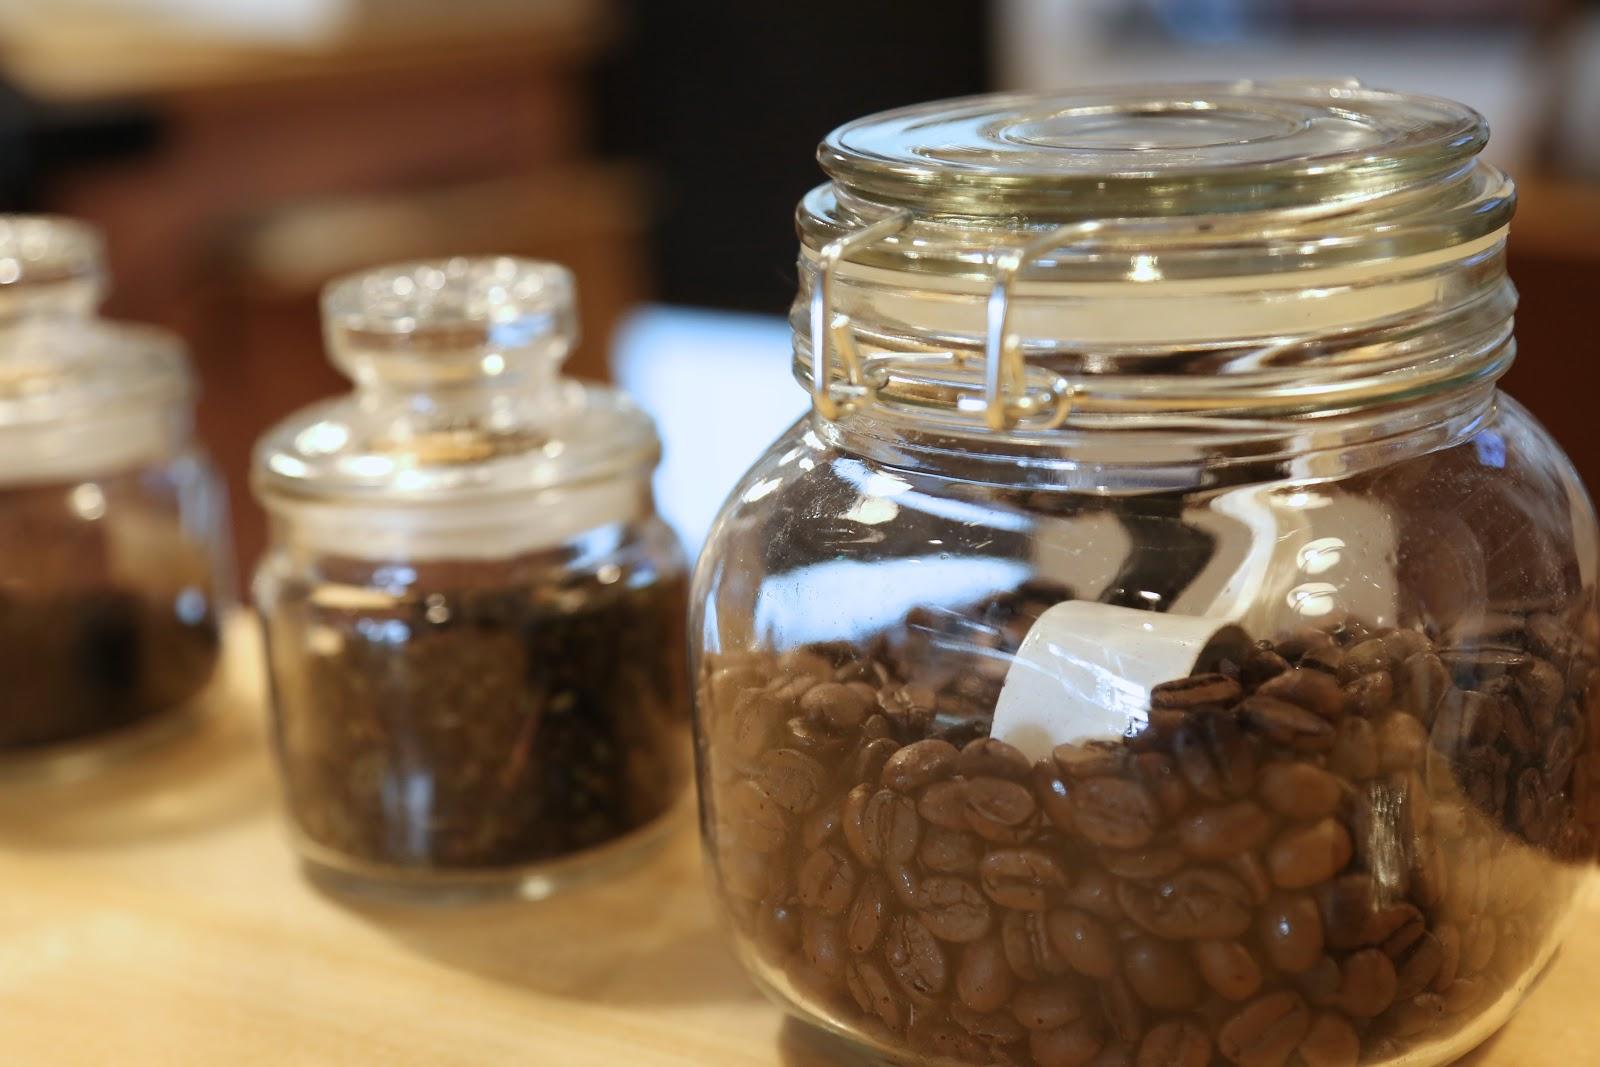 オススメは自家焙煎のコーヒーで注文を受けてから豆を挽きます。地球屋では酸味よりも苦味が特徴のコーヒーを淹れます。 コーヒーは豆によっても味は違ってきますが浅く炒ると酸味が強くなり深く炒ると苦味が強くなります。 ドリンクメニューは忙しいビジネスマンの方なども利用できるようにテイクアウトできます。